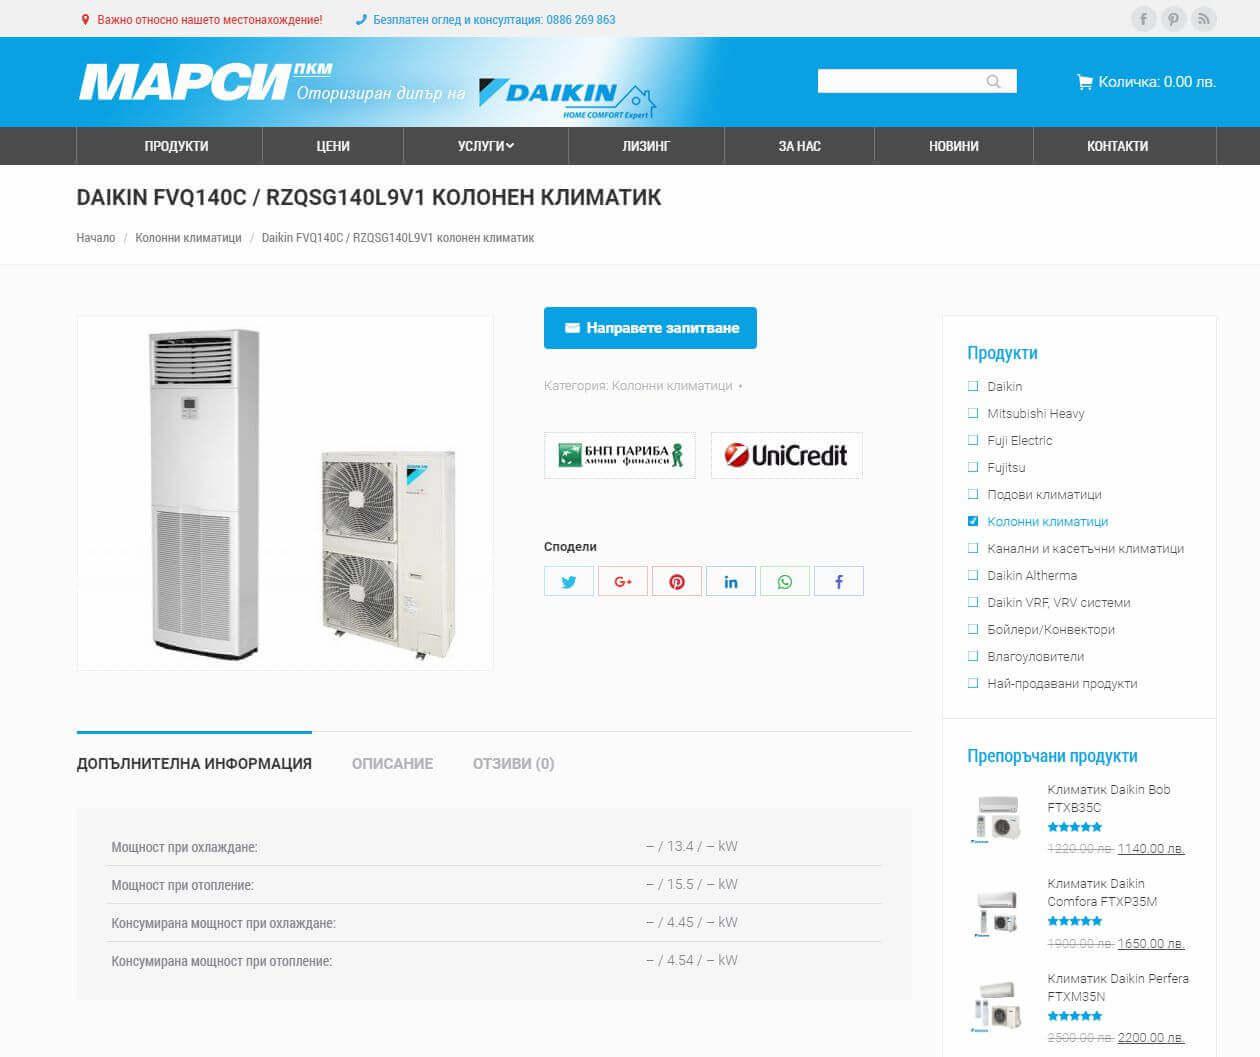 SEO оптимизация за онлайн магазин за климатици Марси ПКМ - рекламна агенция Медия Дизайн